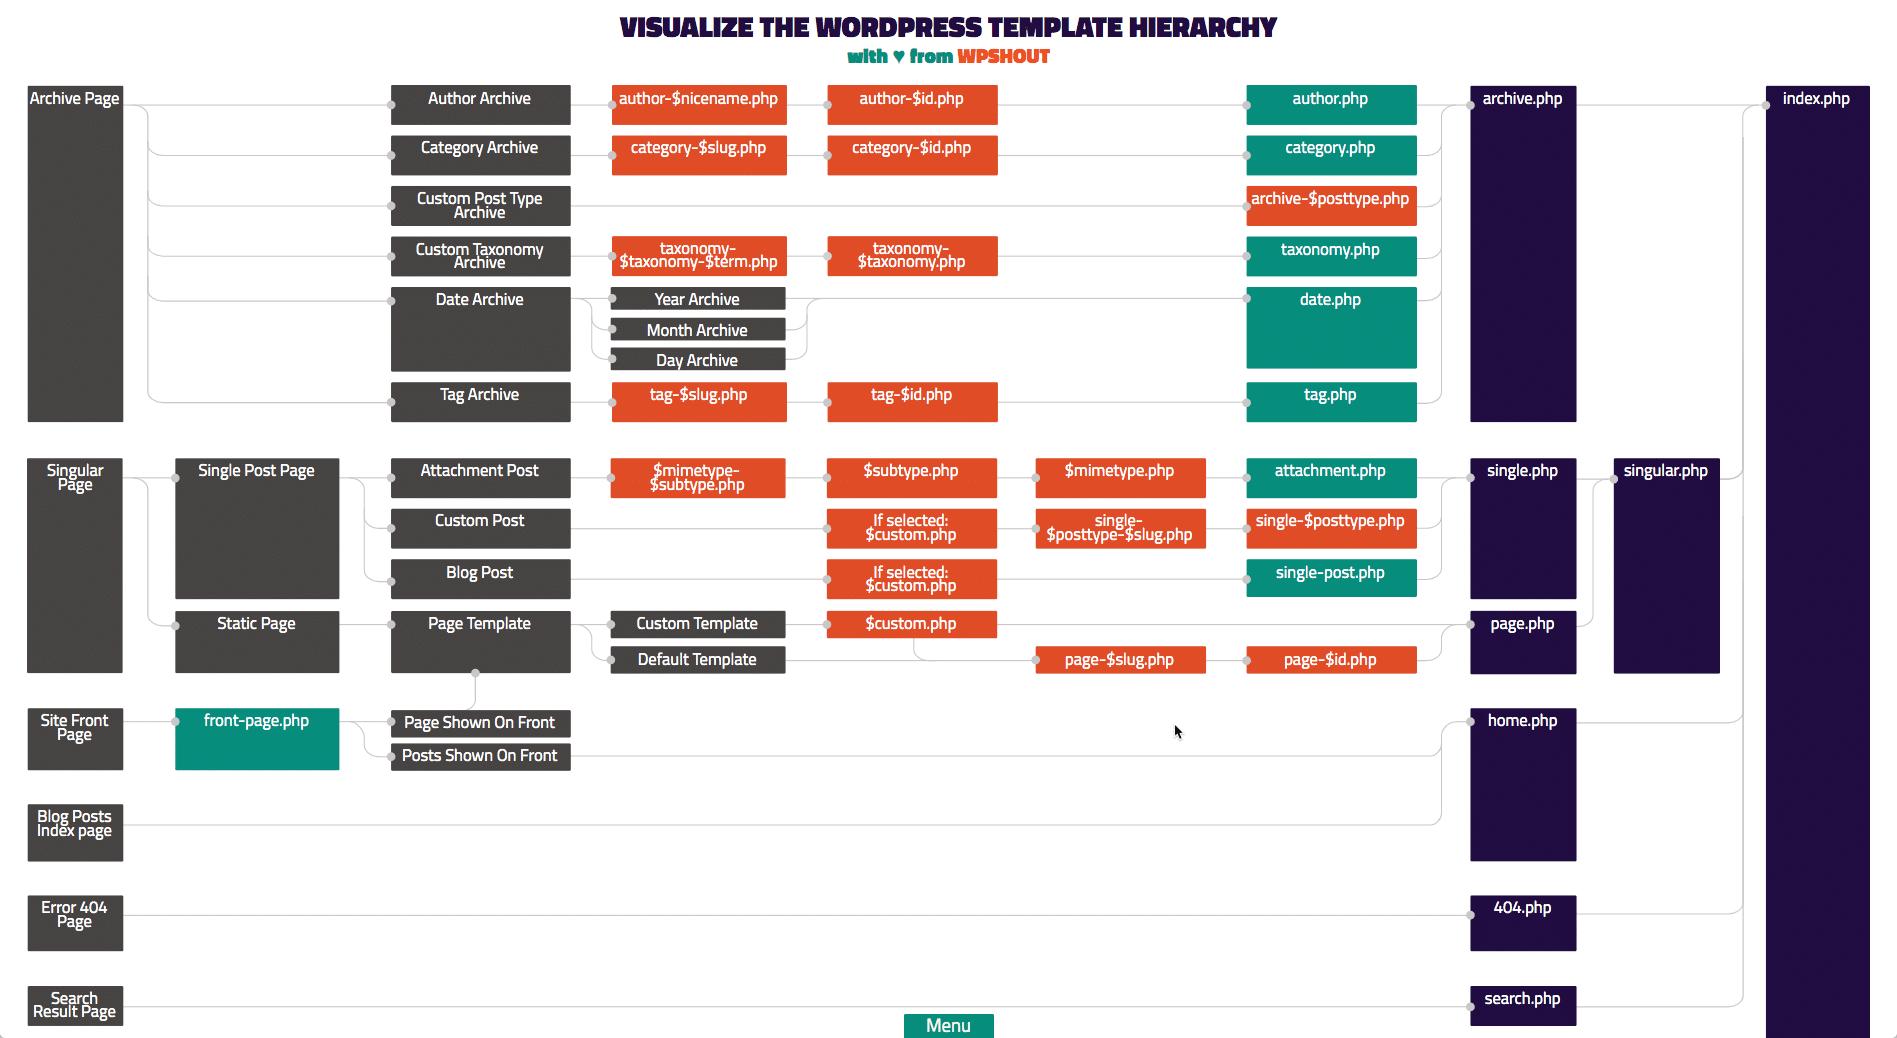 Die WordPress-Vorlagenhierarchie